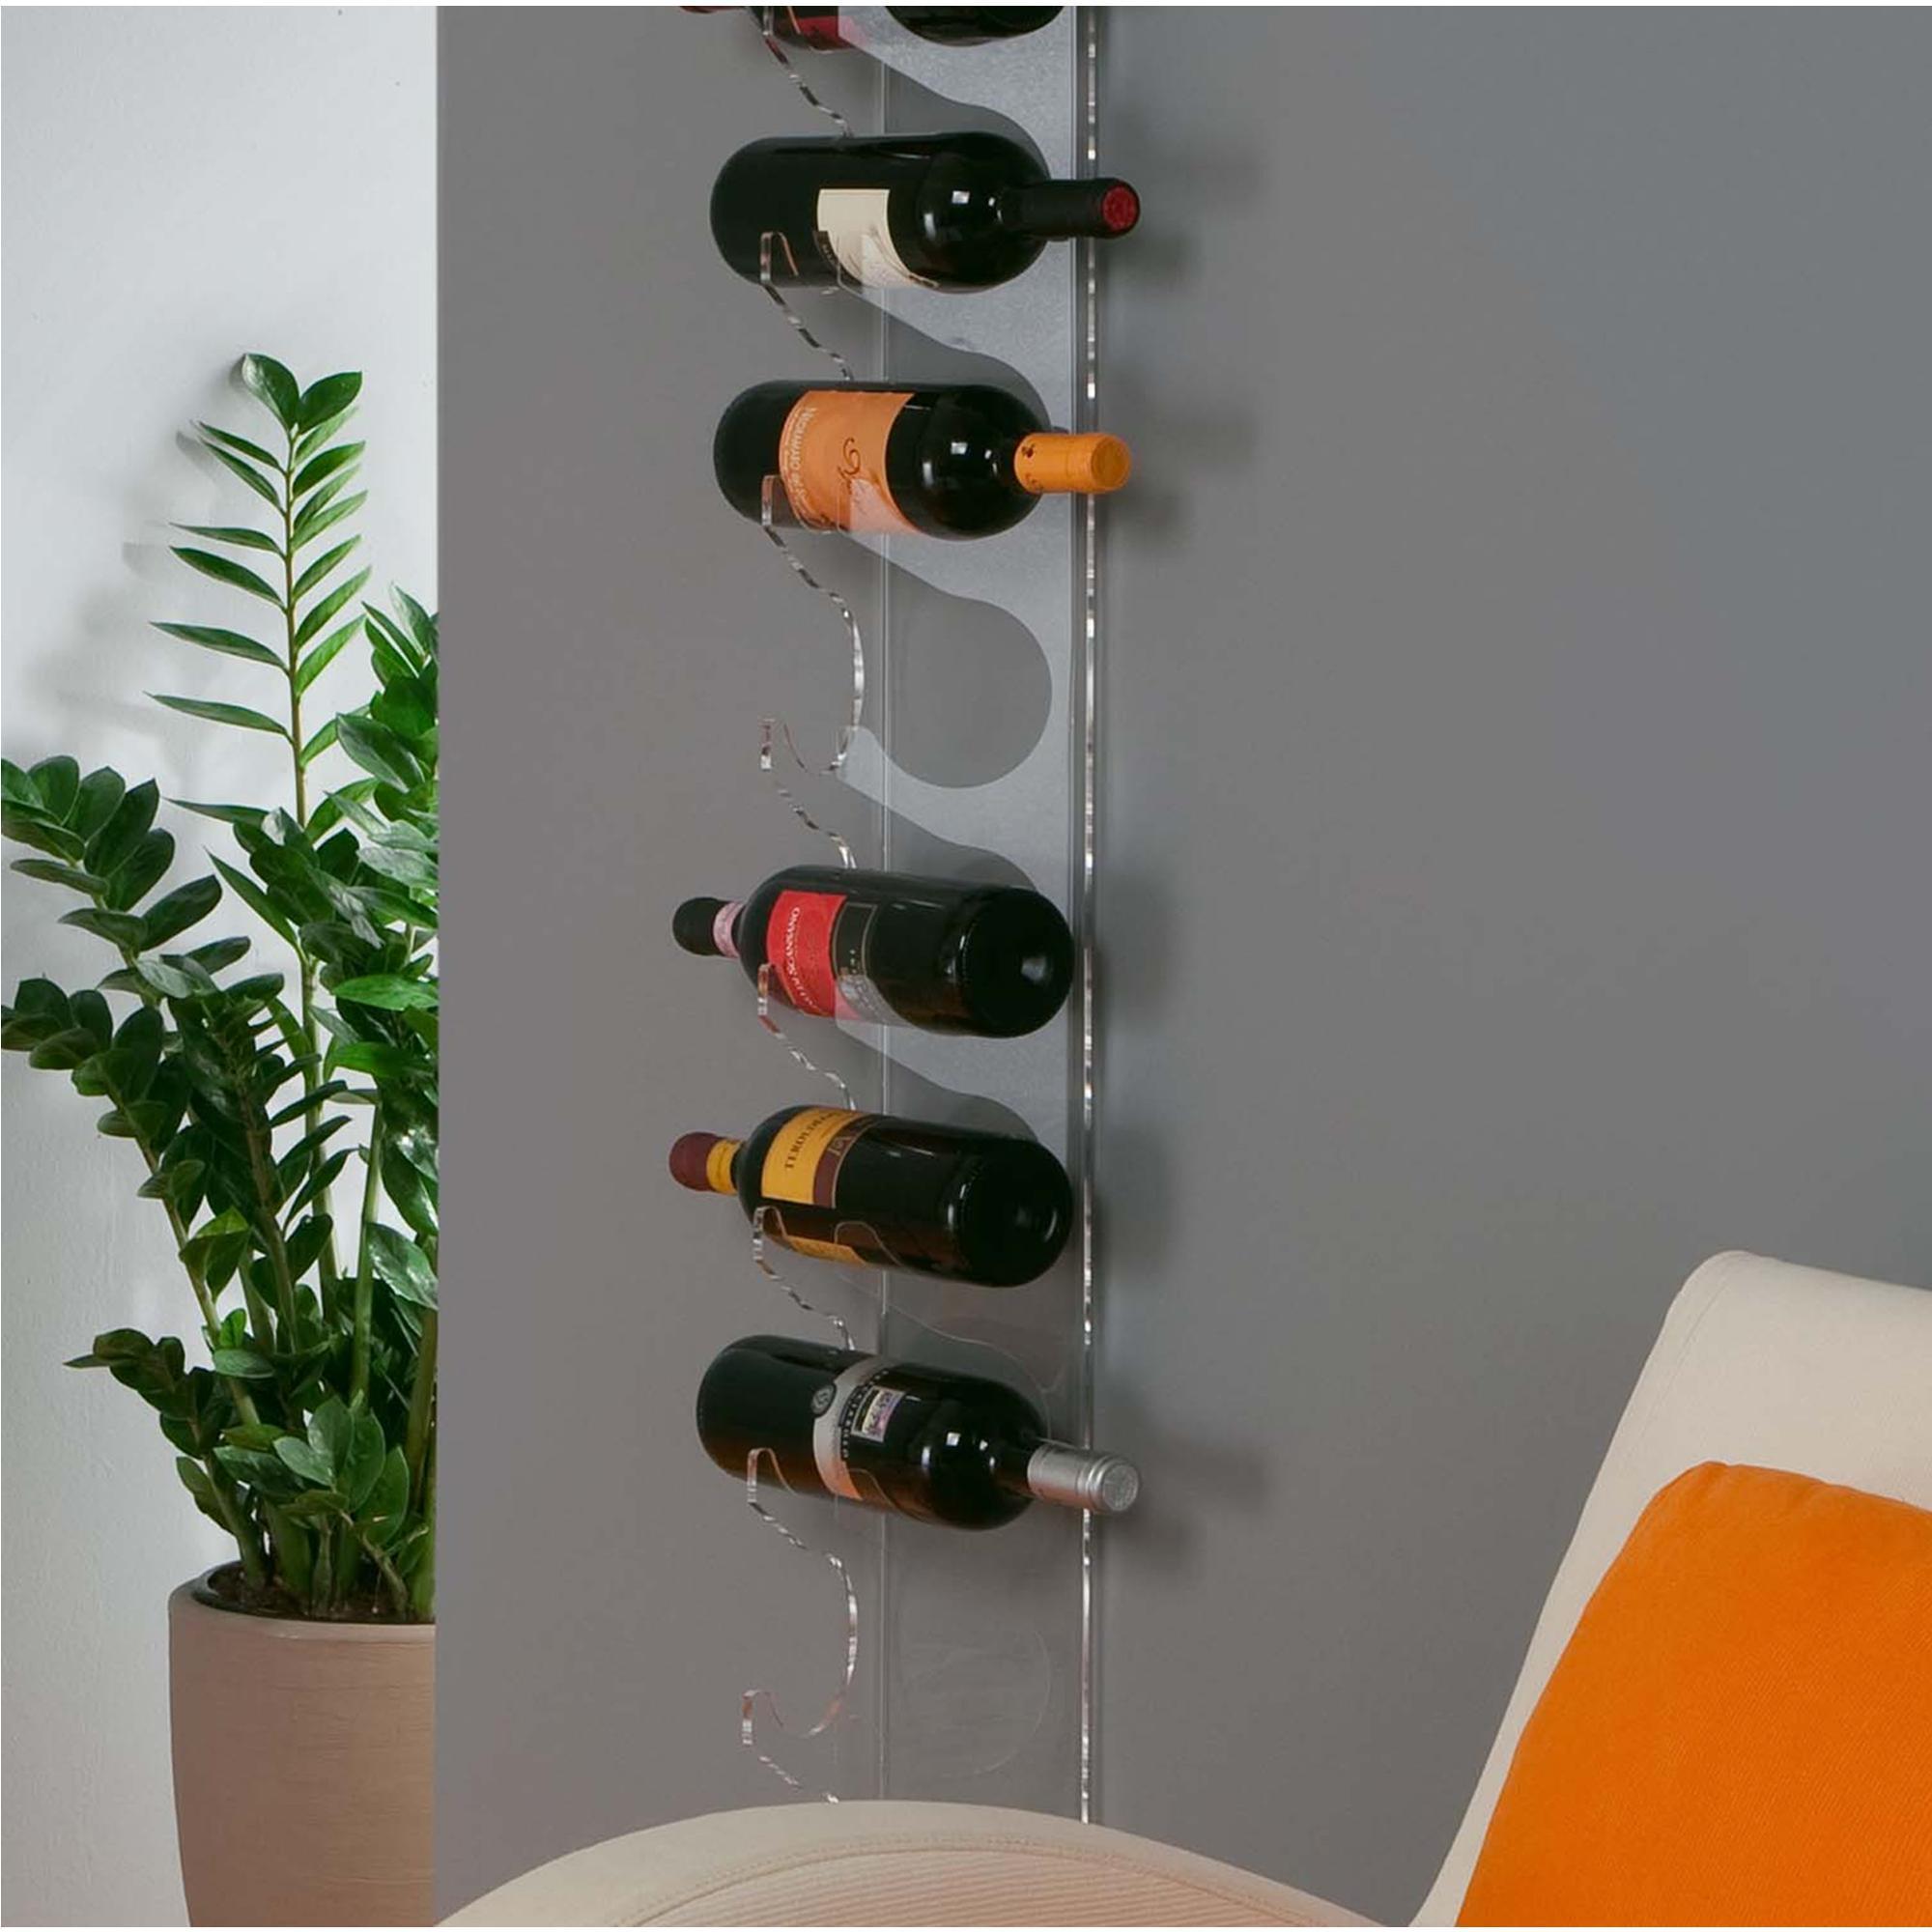 Porta vino da muro porta vino da muro with porta vino da muro txt emporium porta bottiglie - Cantinetta vini ikea ...